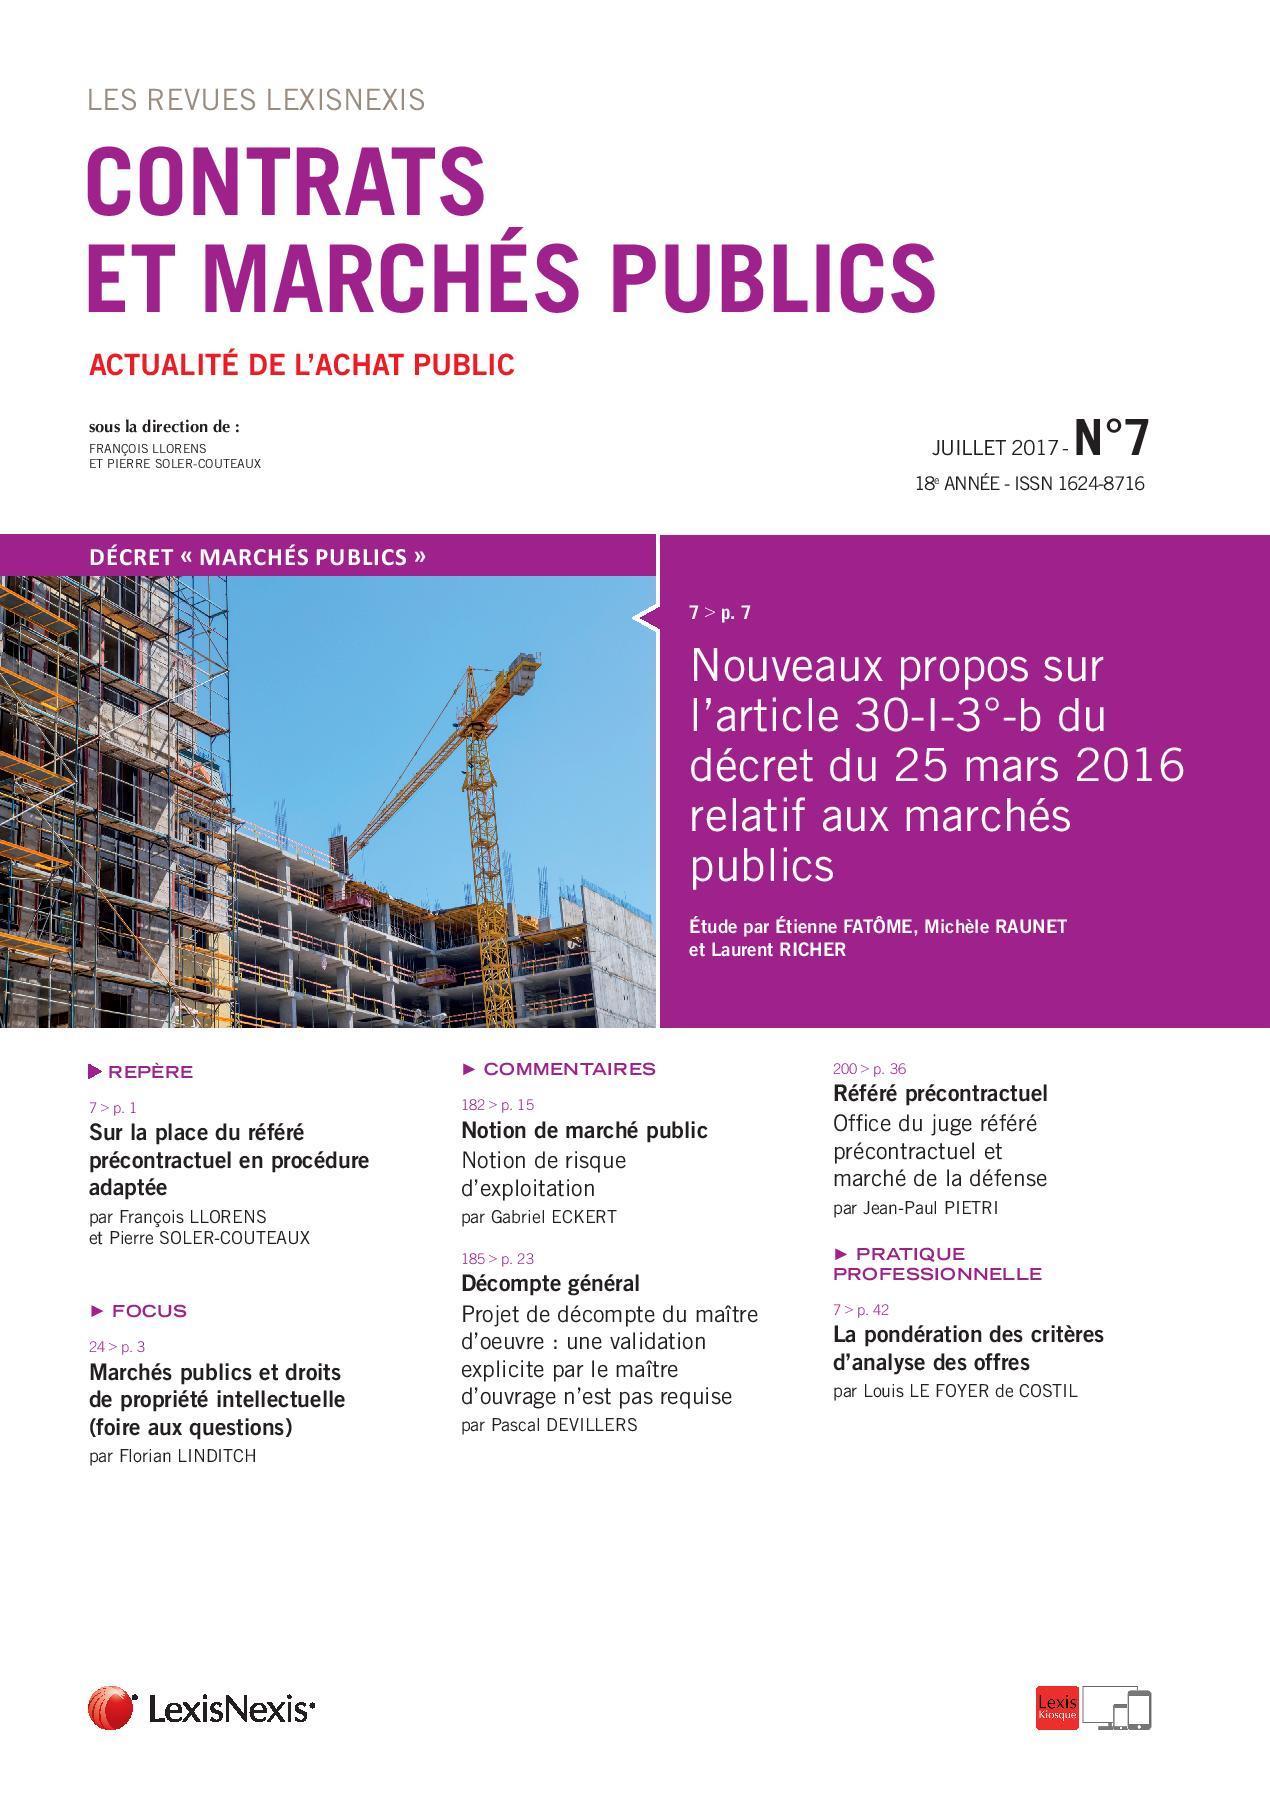 Cabinet Le Foyer De Costil : Pondération critères analyse des offres marchés publics